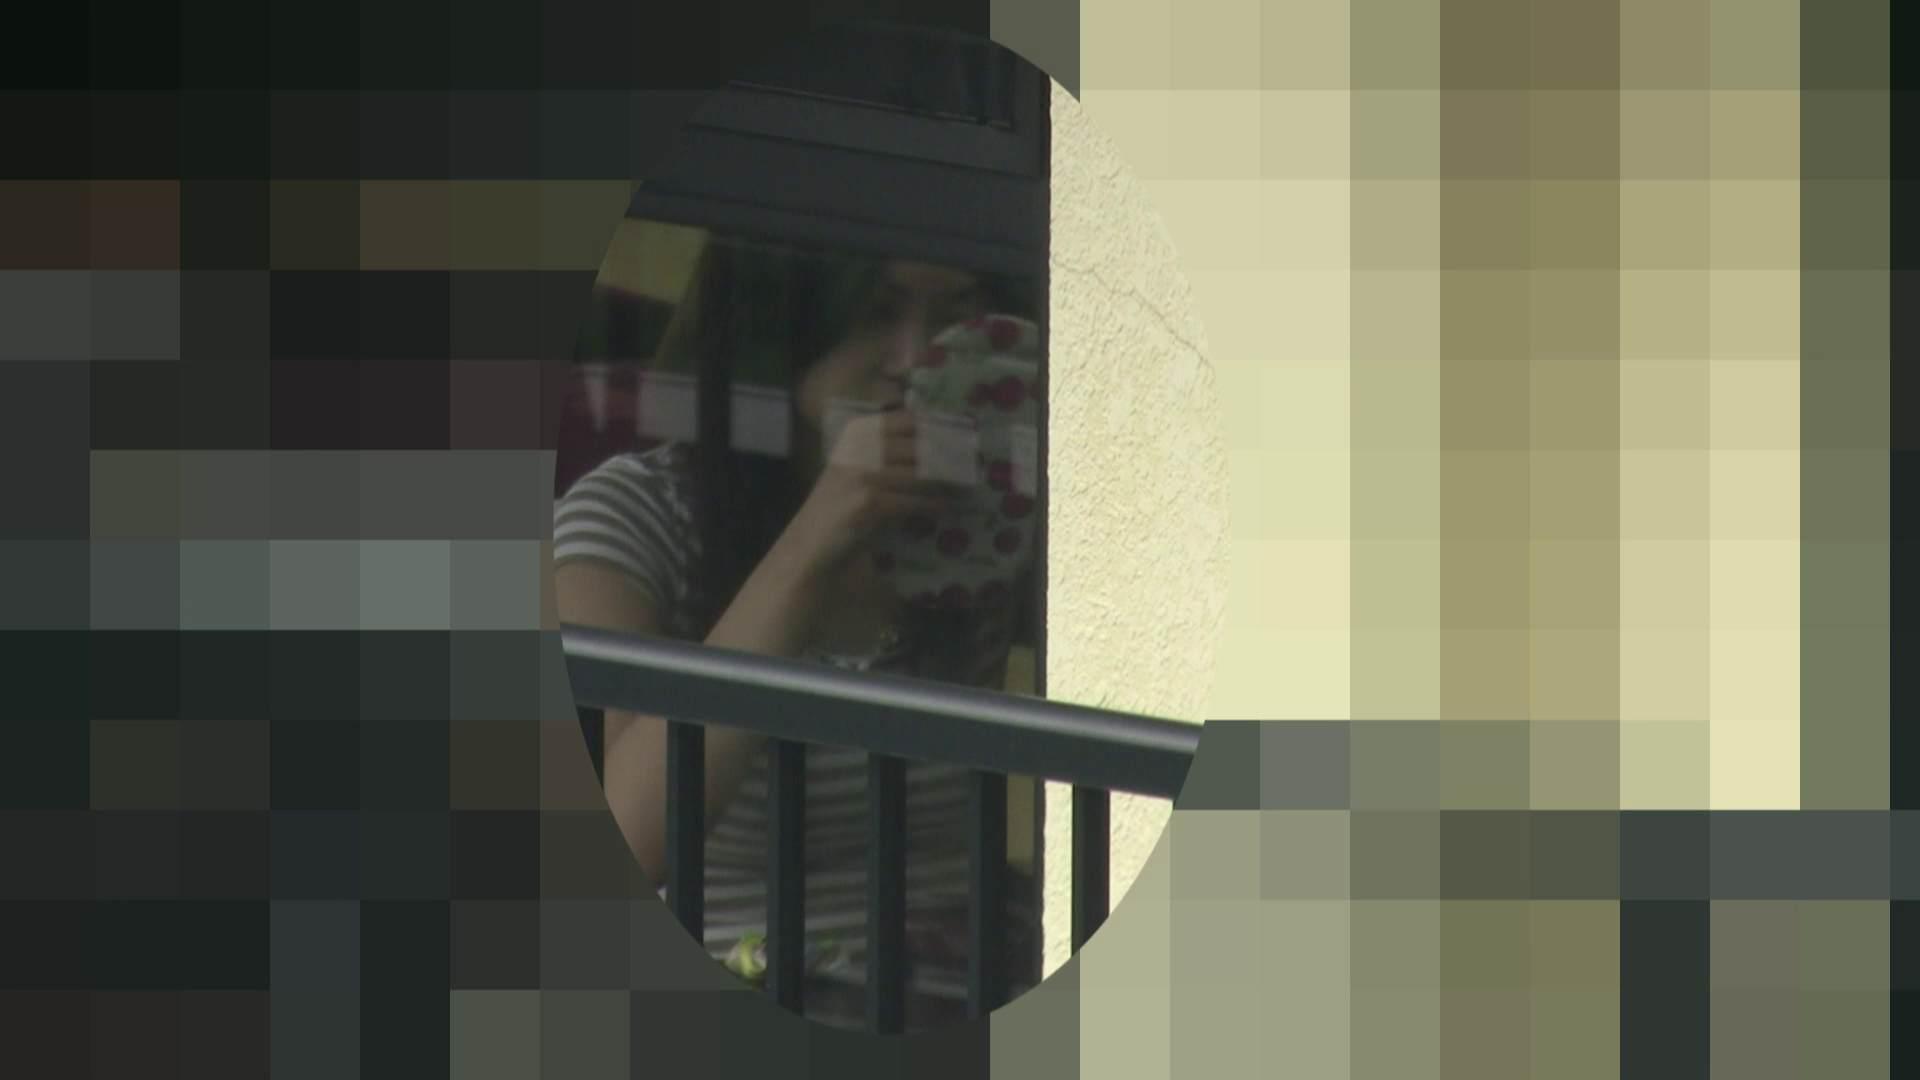 高画質露天女風呂観察 vol.032 エロい乙女  10枚 6